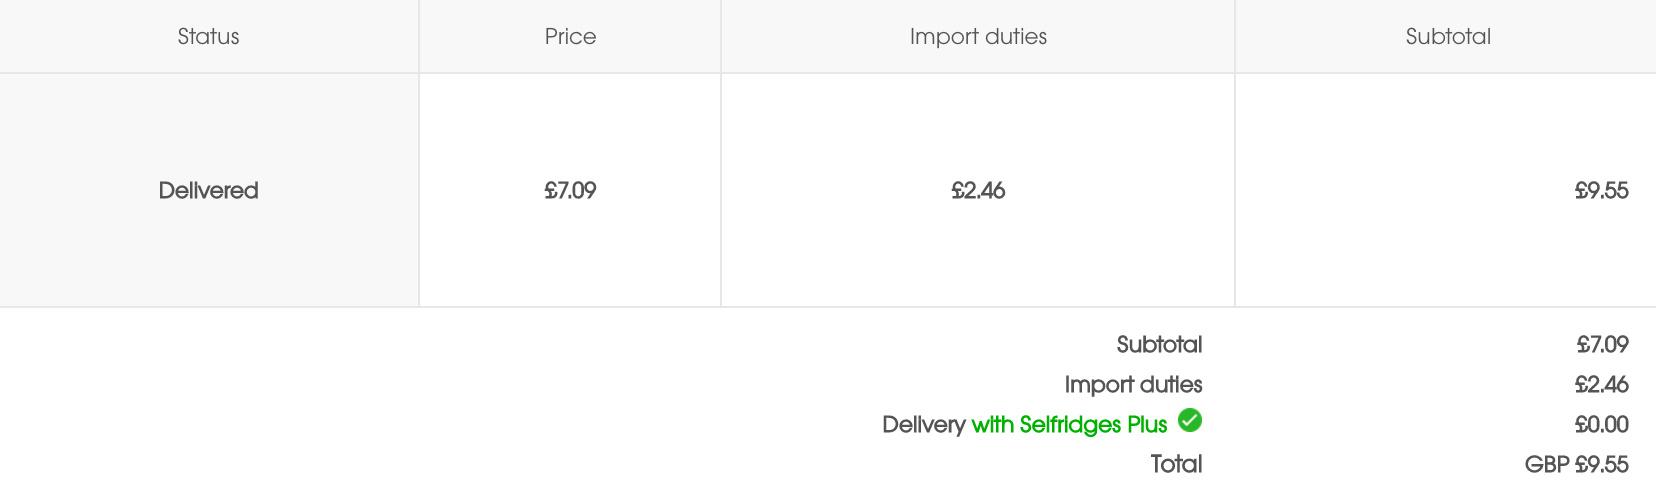 达人君之前为了测试下了一单只有9镑的东西,也是超快的DHL送达(有点不好意思哈哈)